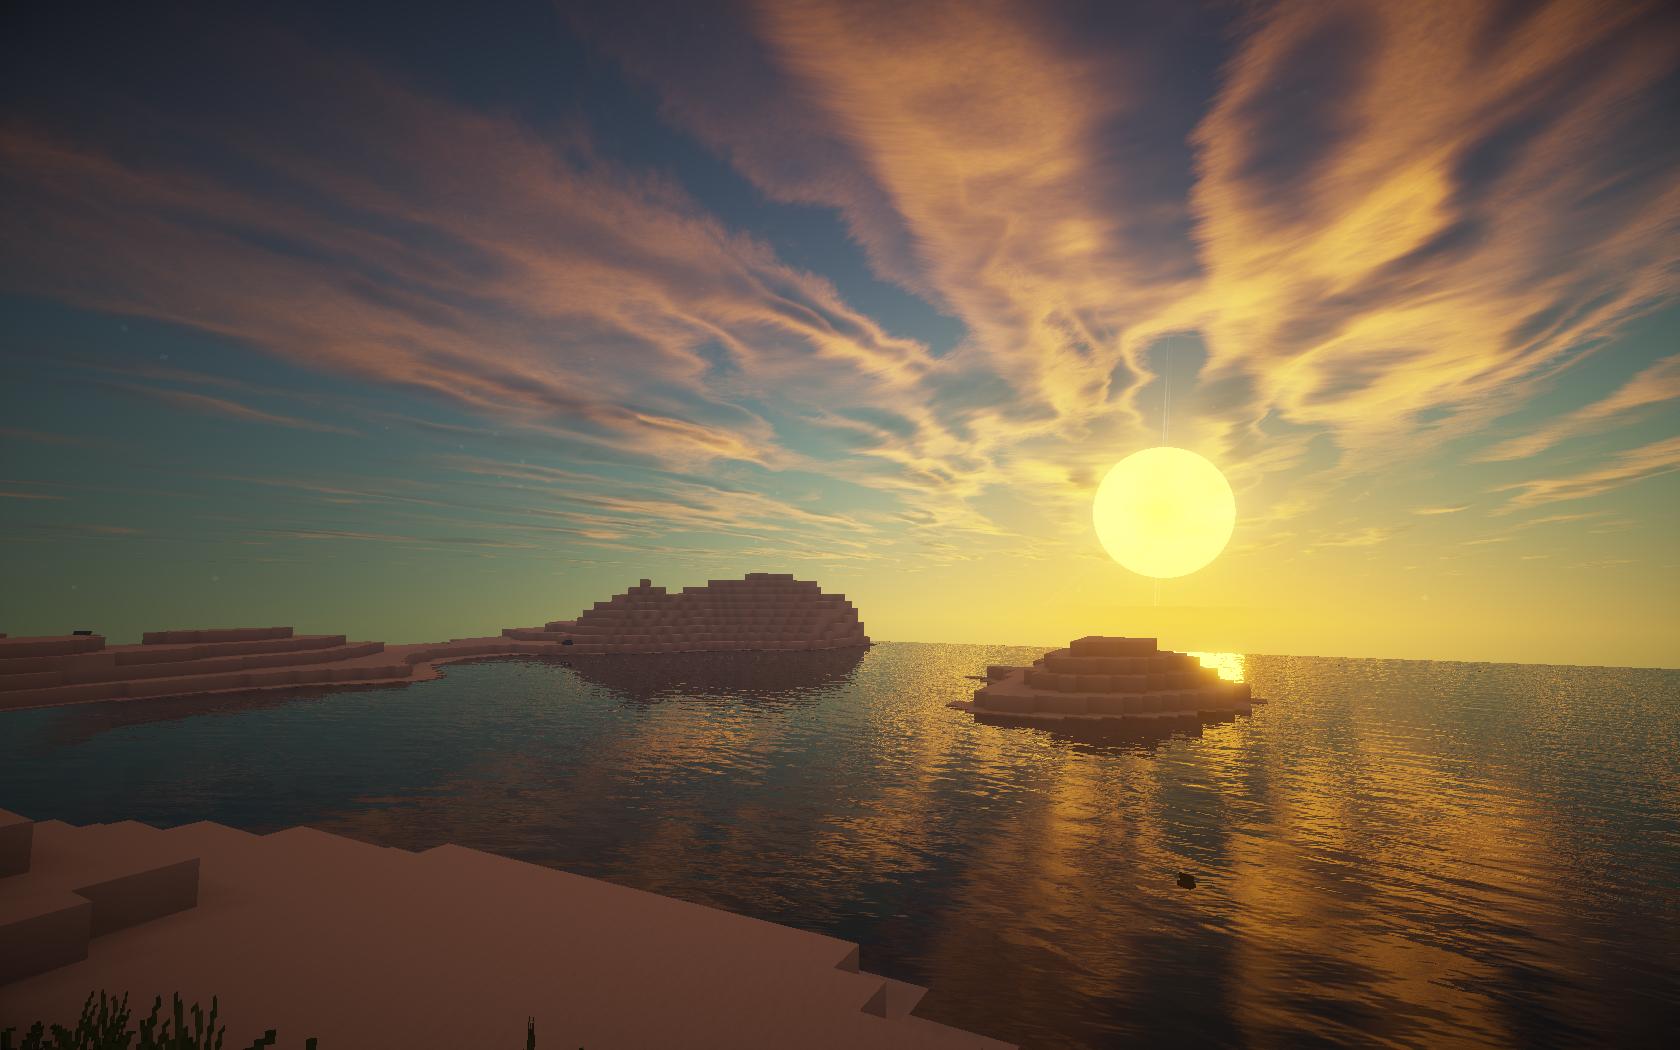 fond-d-écran-minecraft-mer-coucher-soleil